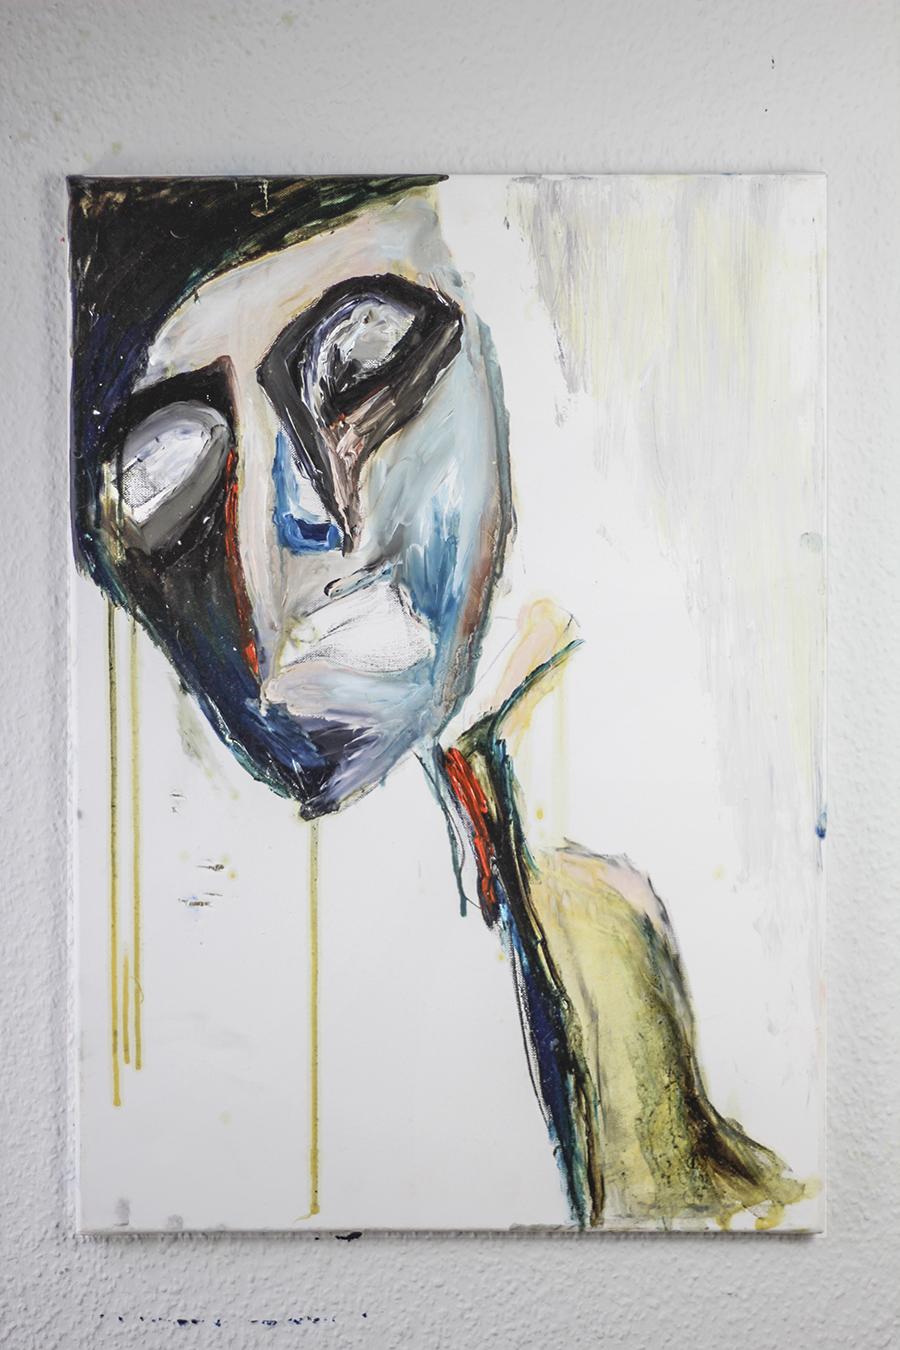 """Abstrakte Originalgemälde """"Faces- Idolist"""" Künstler Tilarids, 50x70, Öl auf Leinwand, 02.2018.jpg"""